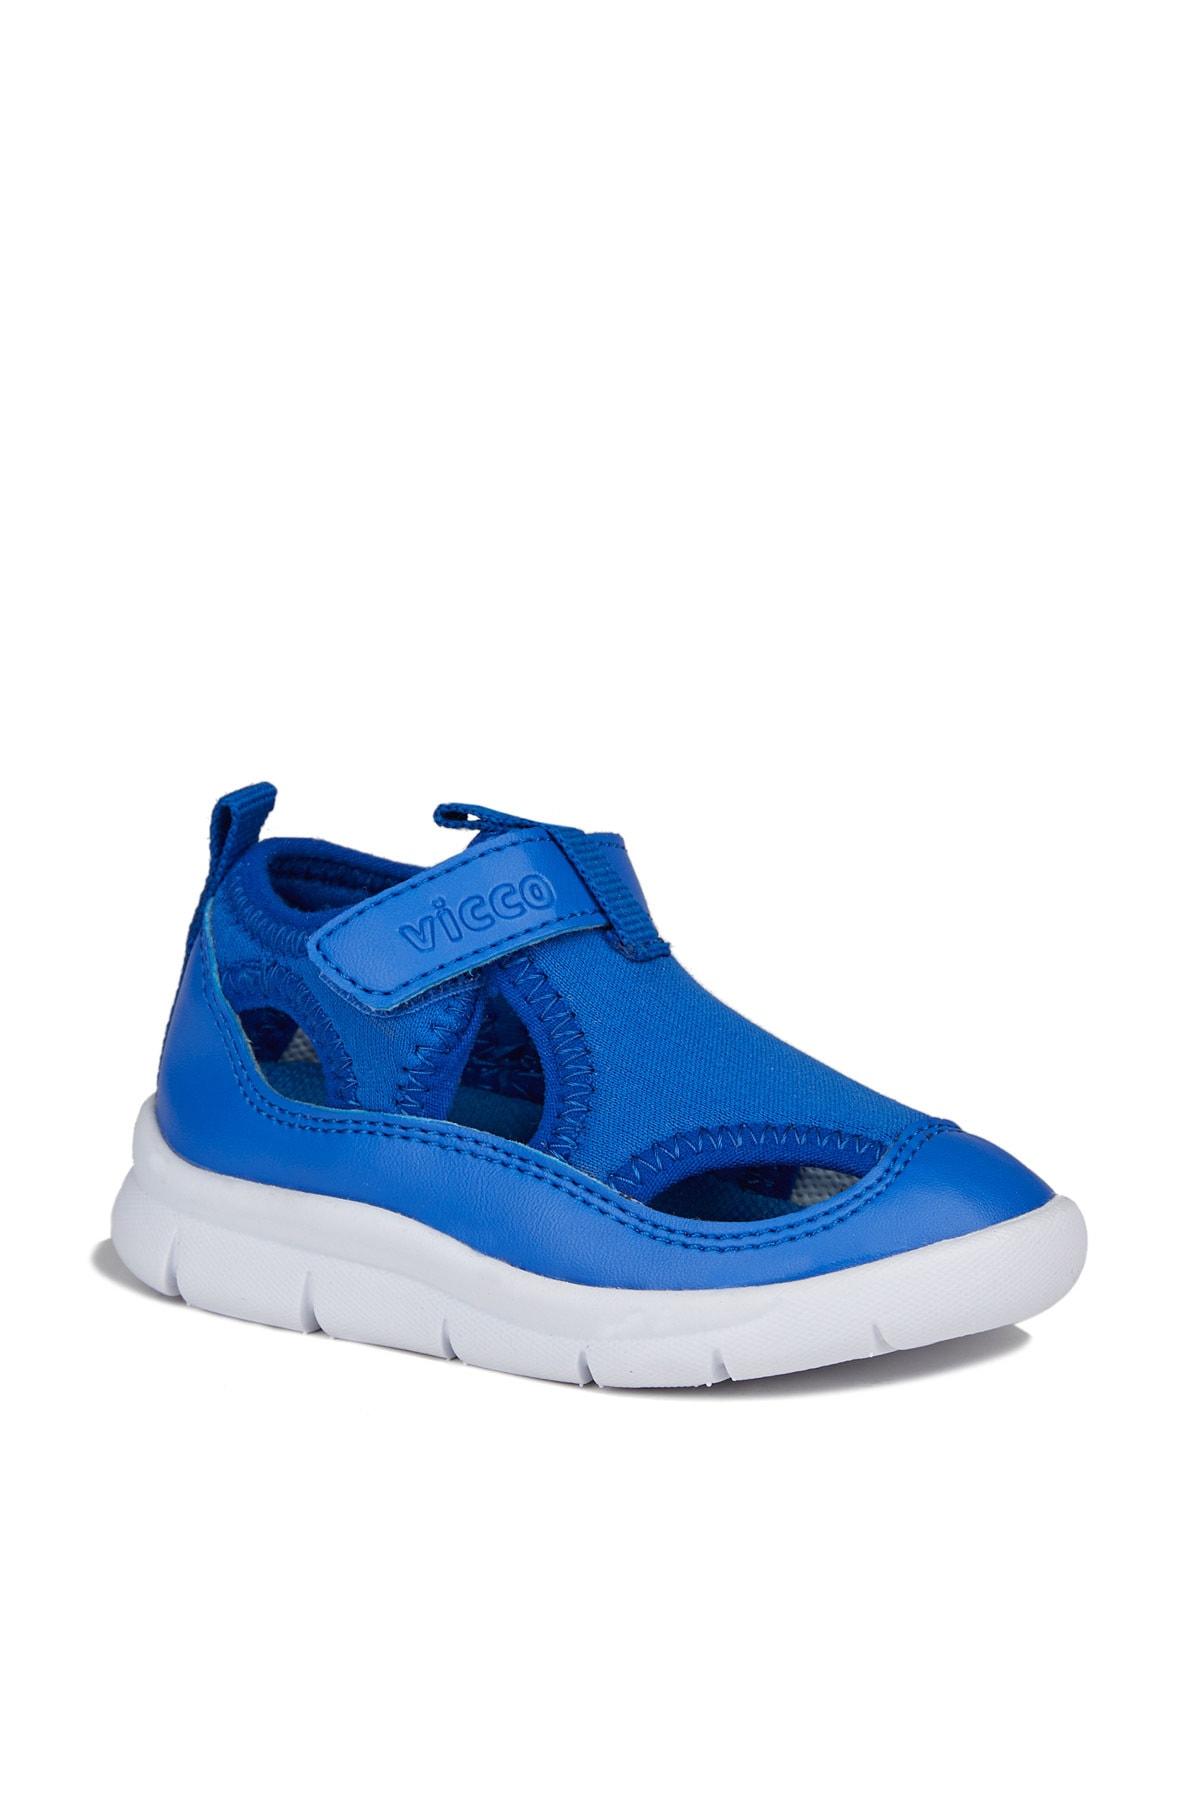 Berry Hafif Erkek Bebe Saks Mavi Spor Ayakkabı